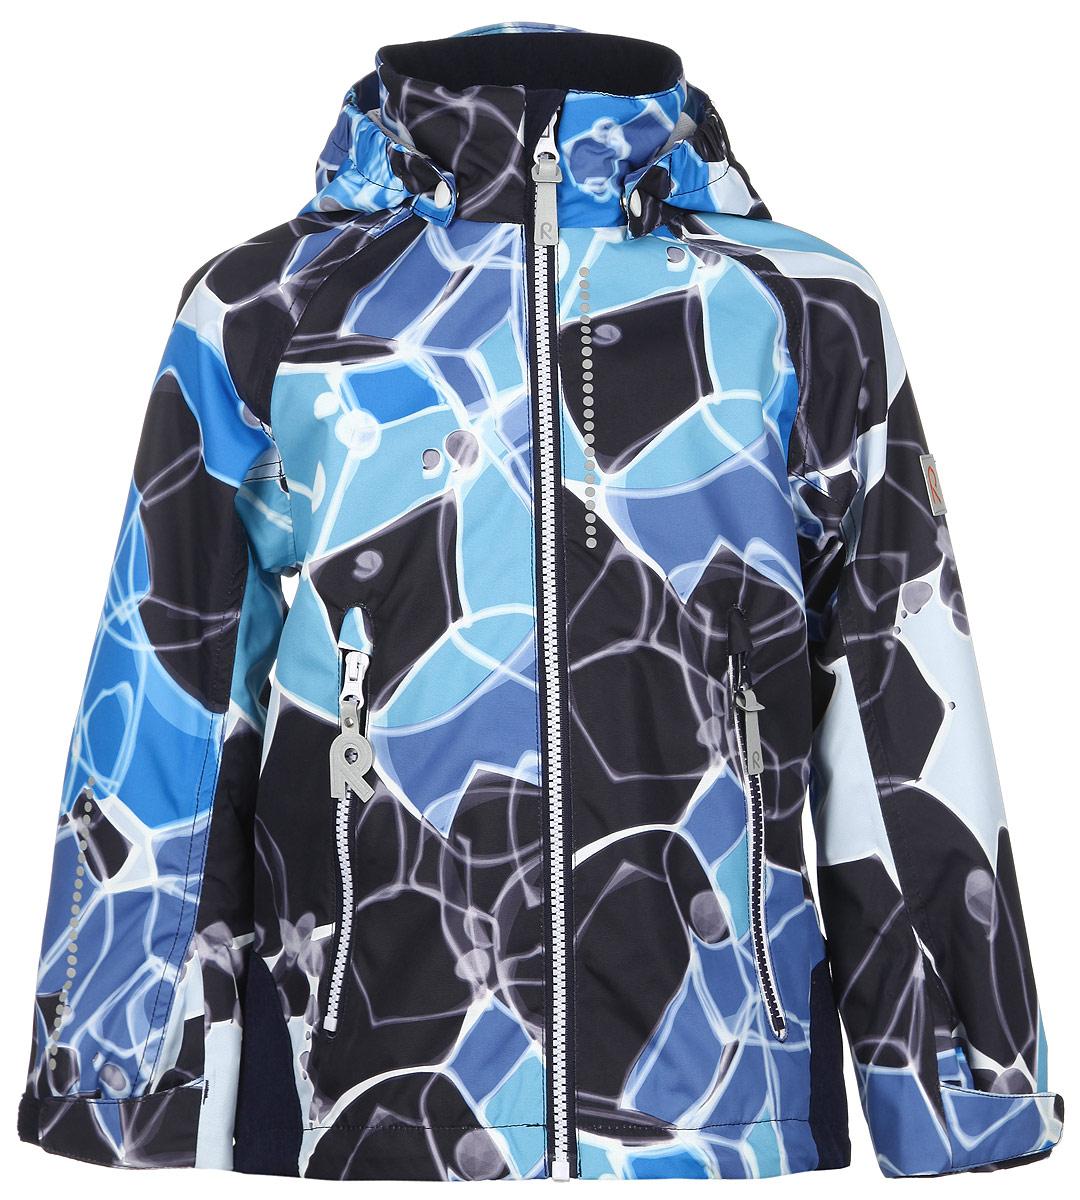 Куртка детская Bubbly. 521438C521438C_4724Детская куртка Reima Bubbly идеально подойдет для ребенка в прохладное время года. Куртка изготовлена из водоотталкивающей и ветрозащитной мембранной ткани. Материал отличается высокой устойчивостью к трению, благодаря специальной обработке полиуретаном поверхность изделия отталкивает грязь и воду, что облегчает поддержание аккуратного вида одежды, дышащее покрытие с изнаночной части не раздражает даже самую нежную и чувствительную кожу ребенка, обеспечивая ему наибольший комфорт. Куртка с капюшоном и длинными рукавами-реглан застегивается на пластиковую застежку-молнию с защитой подбородка, благодаря чему ее легко надевать и снимать, и дополнительно имеет внутреннюю ветрозащитную планку. Капюшон, присборенный по бокам, защитит нежные щечки от ветра, он пристегивается к куртке при помощи застежек-кнопок. Низ рукавов регулируется с помощью хлястиков на липучках. Мягкая подкладка на воротнике и манжетах обеспечивает дополнительный комфорт. Спинка изделия удлинена. Спереди...